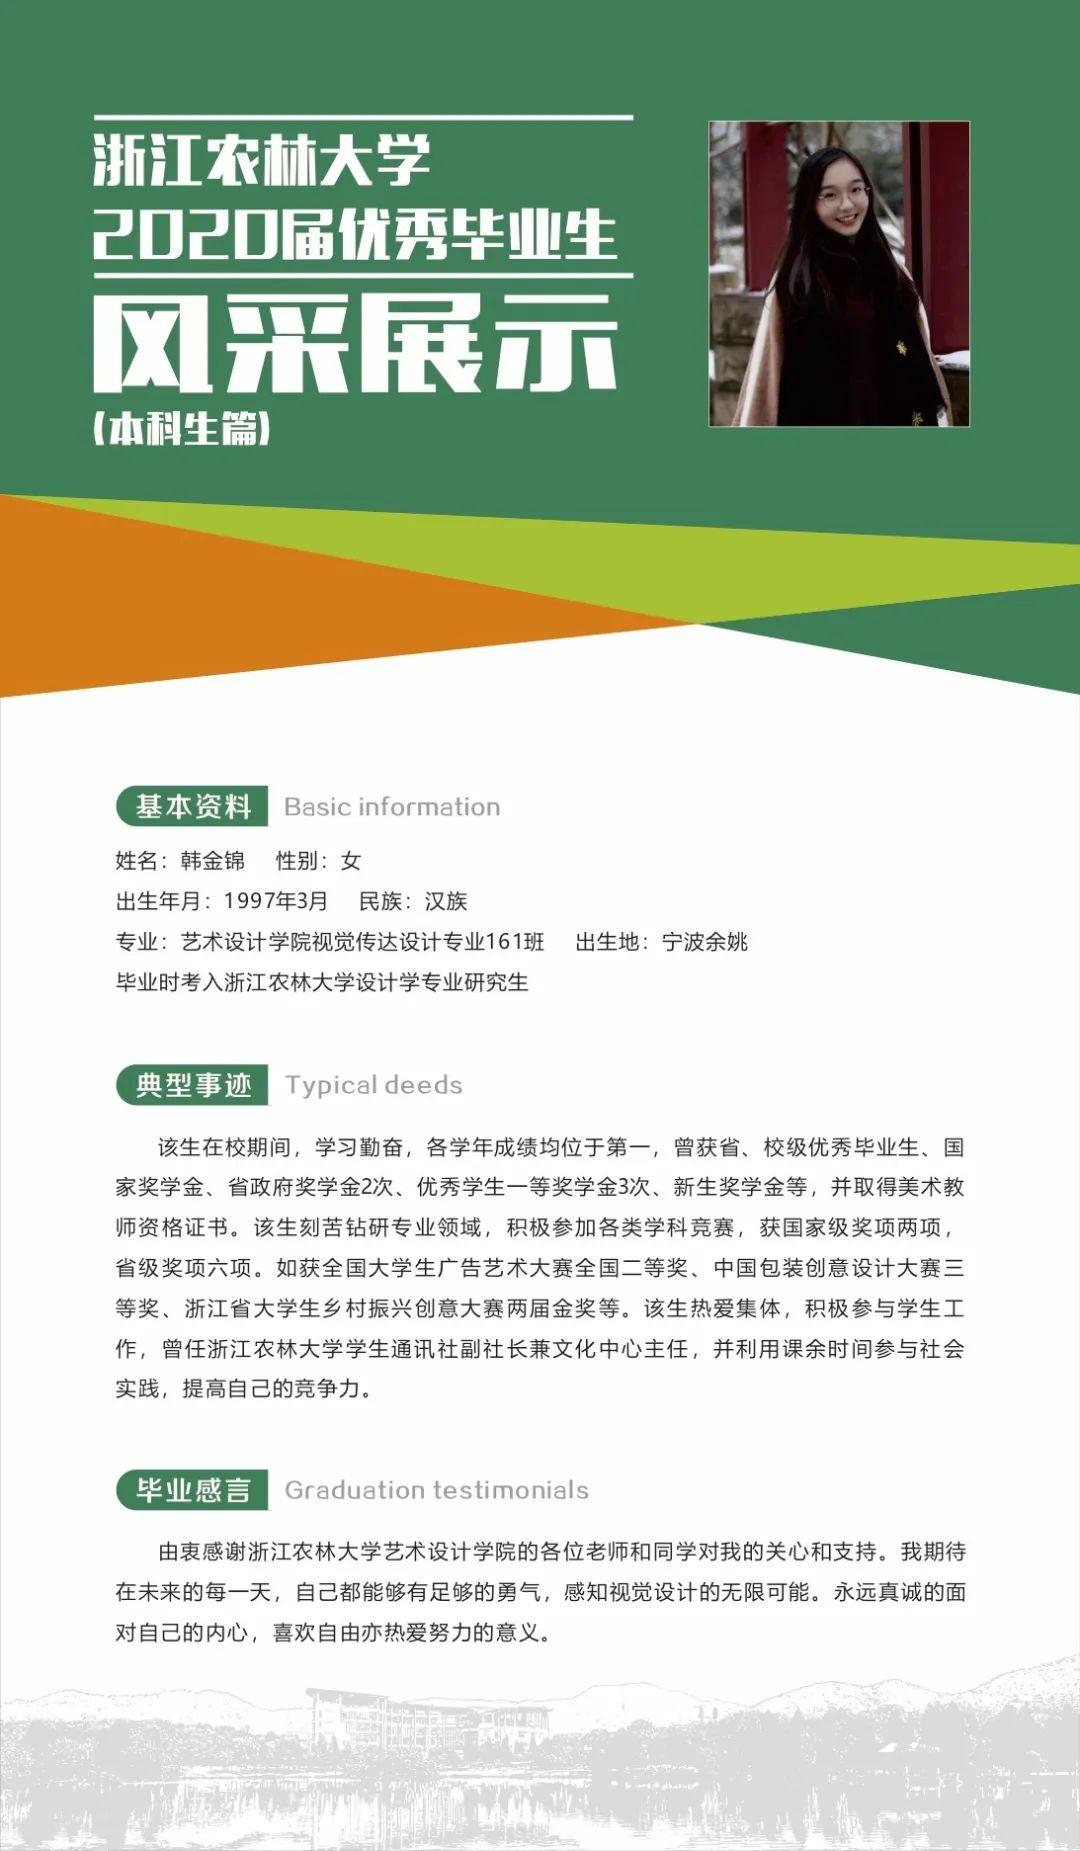 圆梦浙农林|2020届优秀毕业生展示之本科生篇